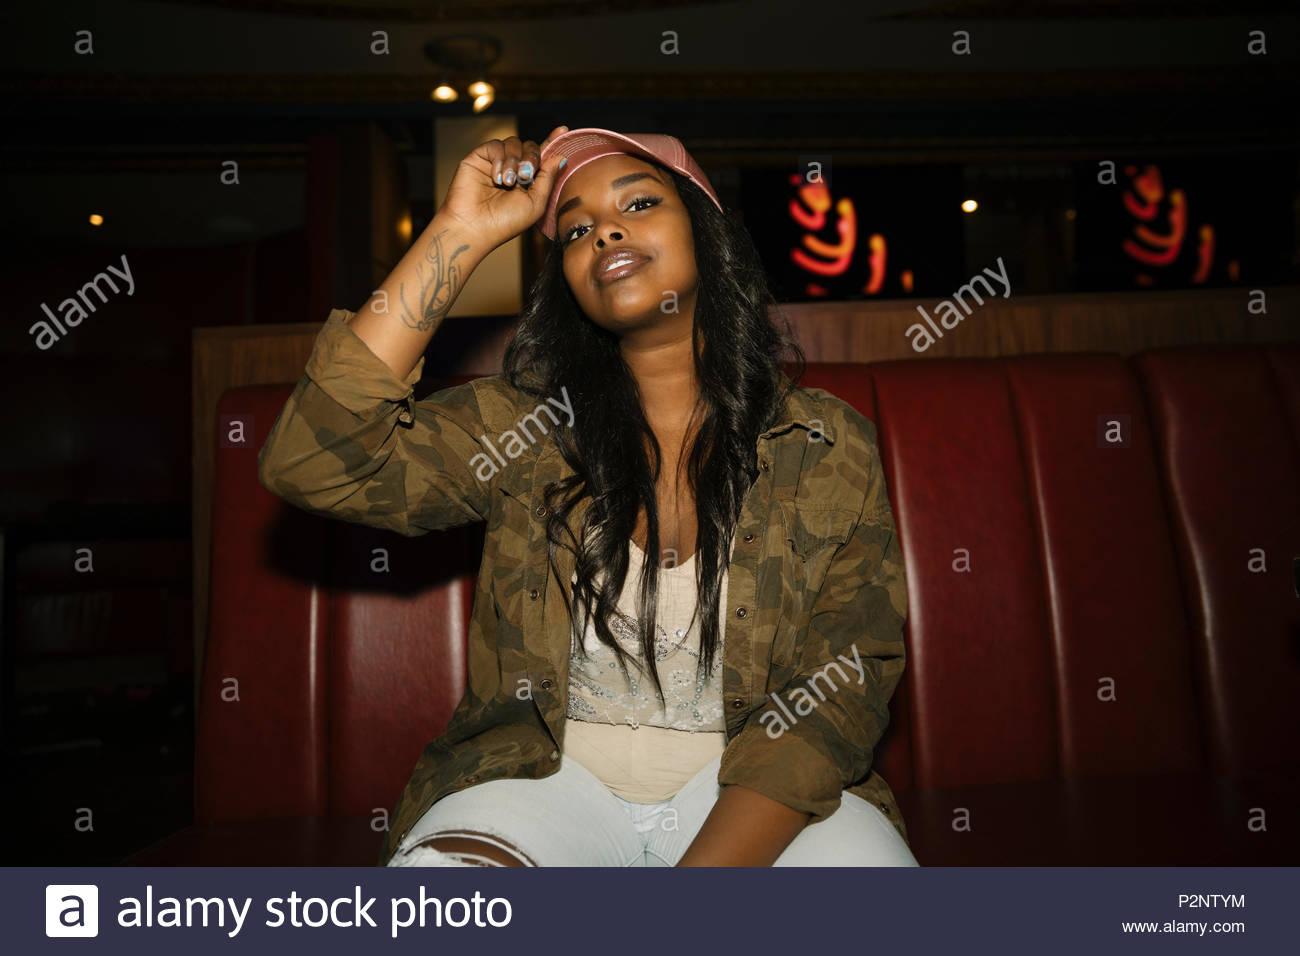 Portrait confiant, frais, élégant femme en discothèque millénaire Photo Stock